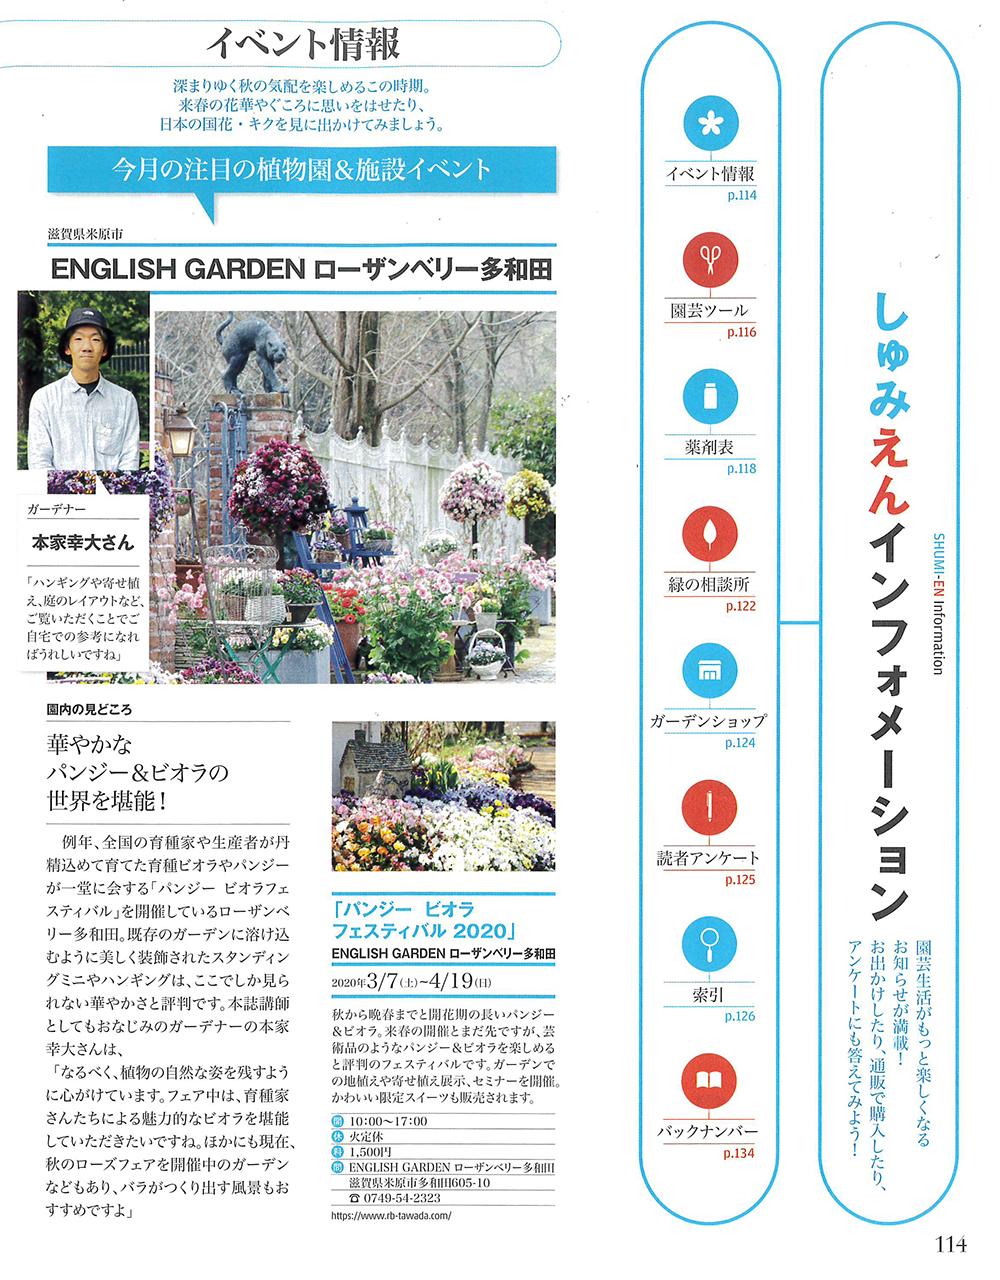 『趣味の園芸 2019年11月号』パンジー&ビオラの魅力再発見でローザンベリー多和田がご紹介されています!